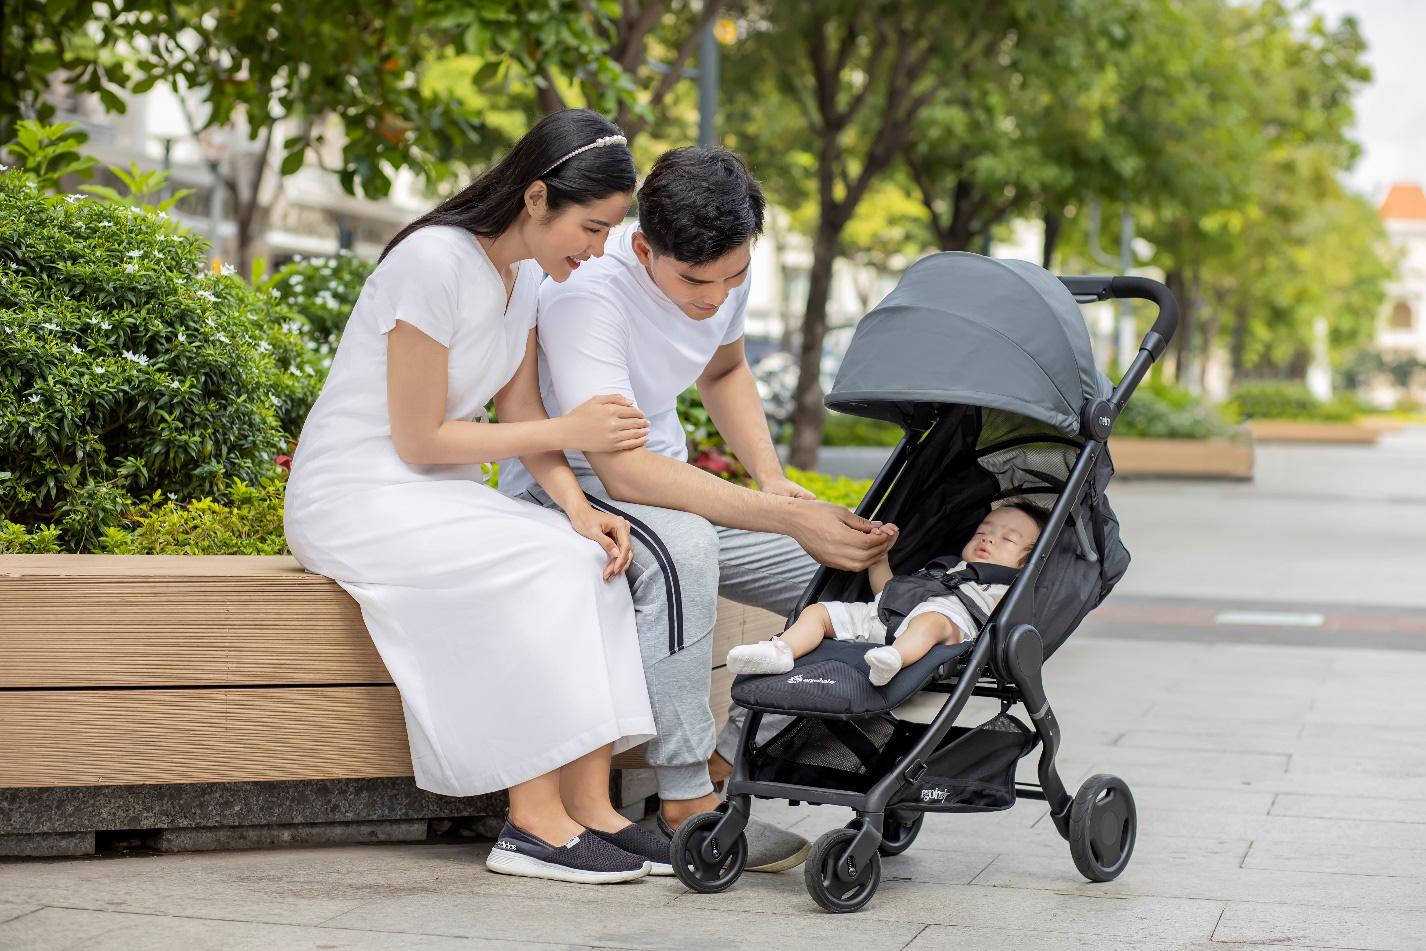 Mách mẹ cách chọn xe đẩy nhập khẩu từ mỹ thoải mái và an toàn cho con yêu - Ảnh 5.